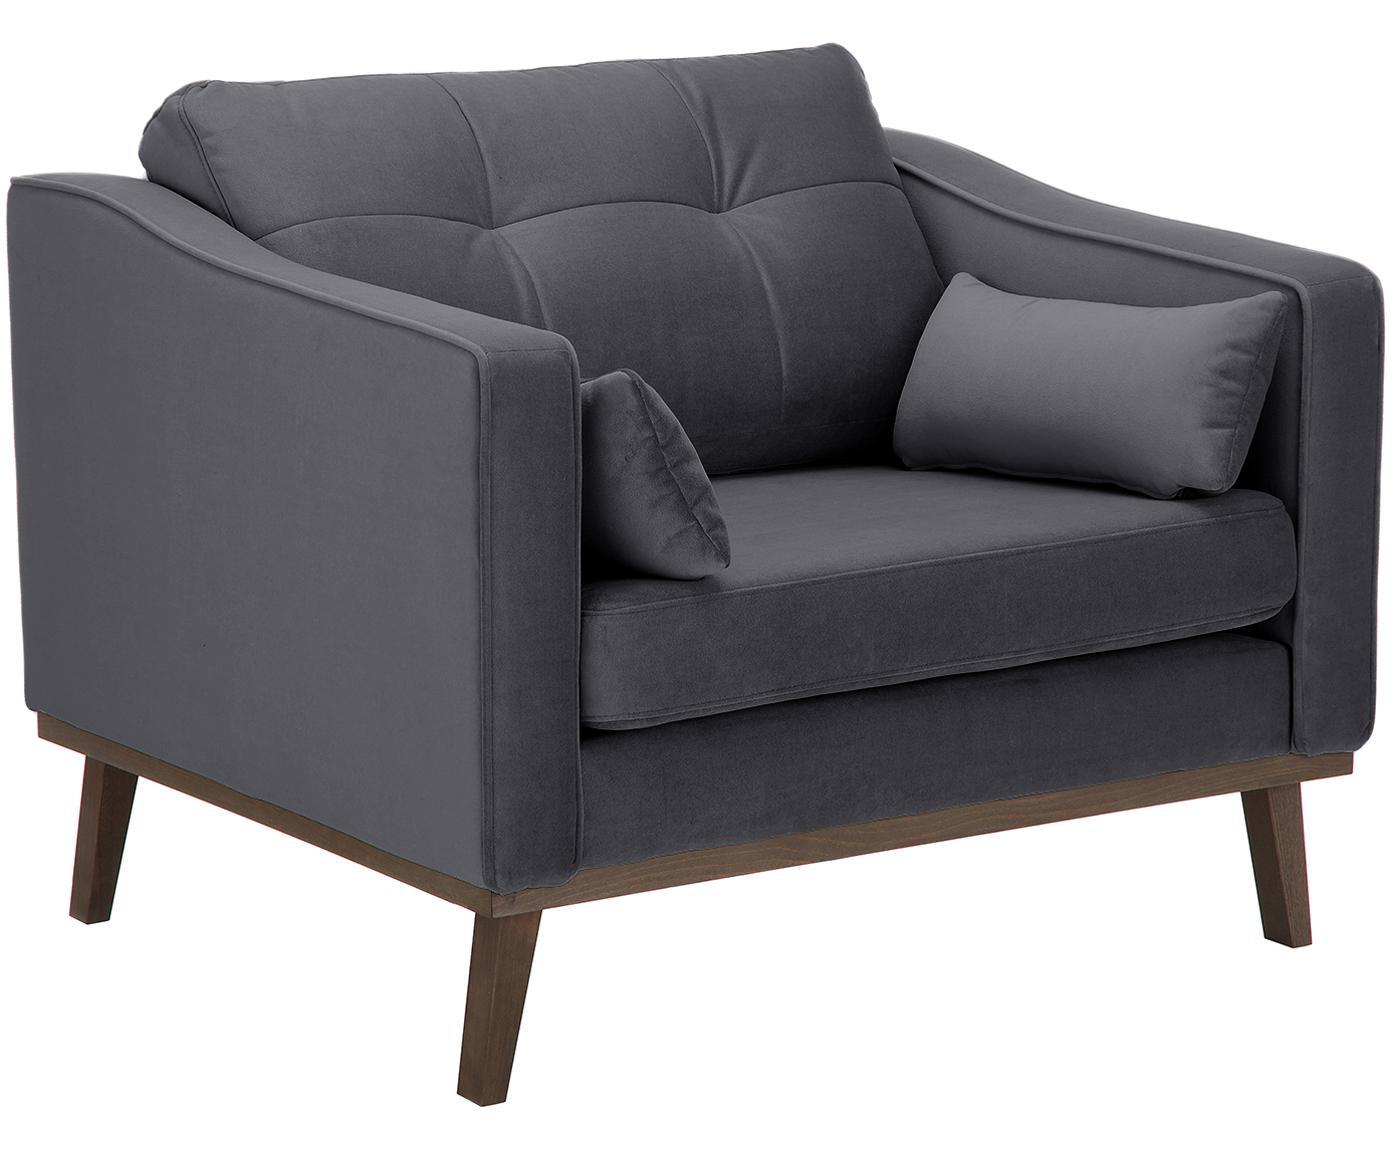 Fluwelen fauteuil Alva, Bekleding: fluweel (hoogwaardig poly, Frame: massief grenenhout, Poten: massief gebeitst beukenho, Grijs, B 102 x D 92 cm